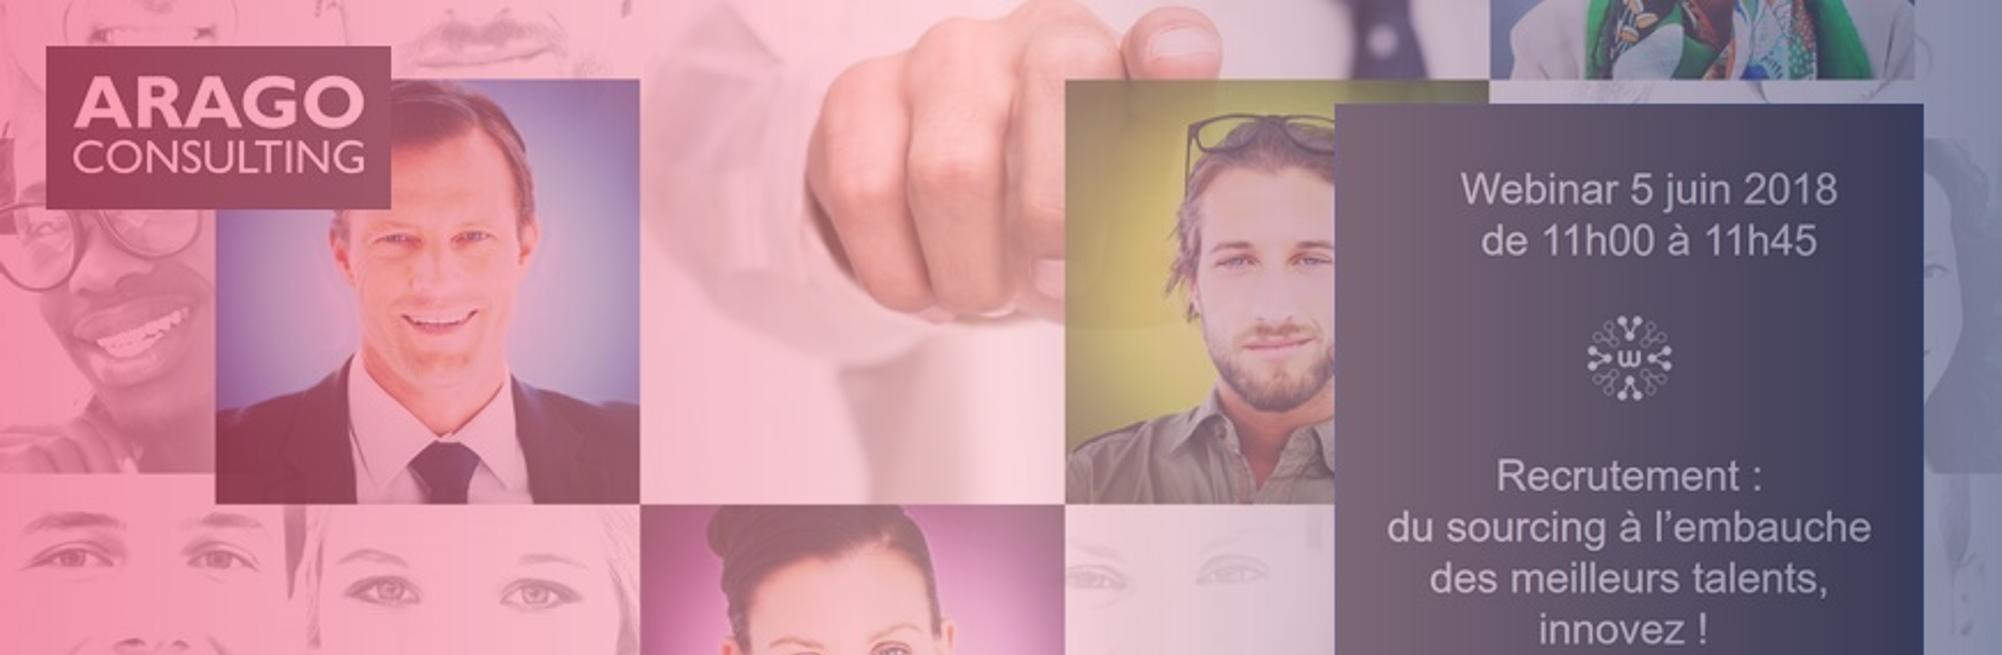 Webinar ARAGO Consulting : Recrutement : Innovez, du sourcing à l'embauche des meilleurs talents !